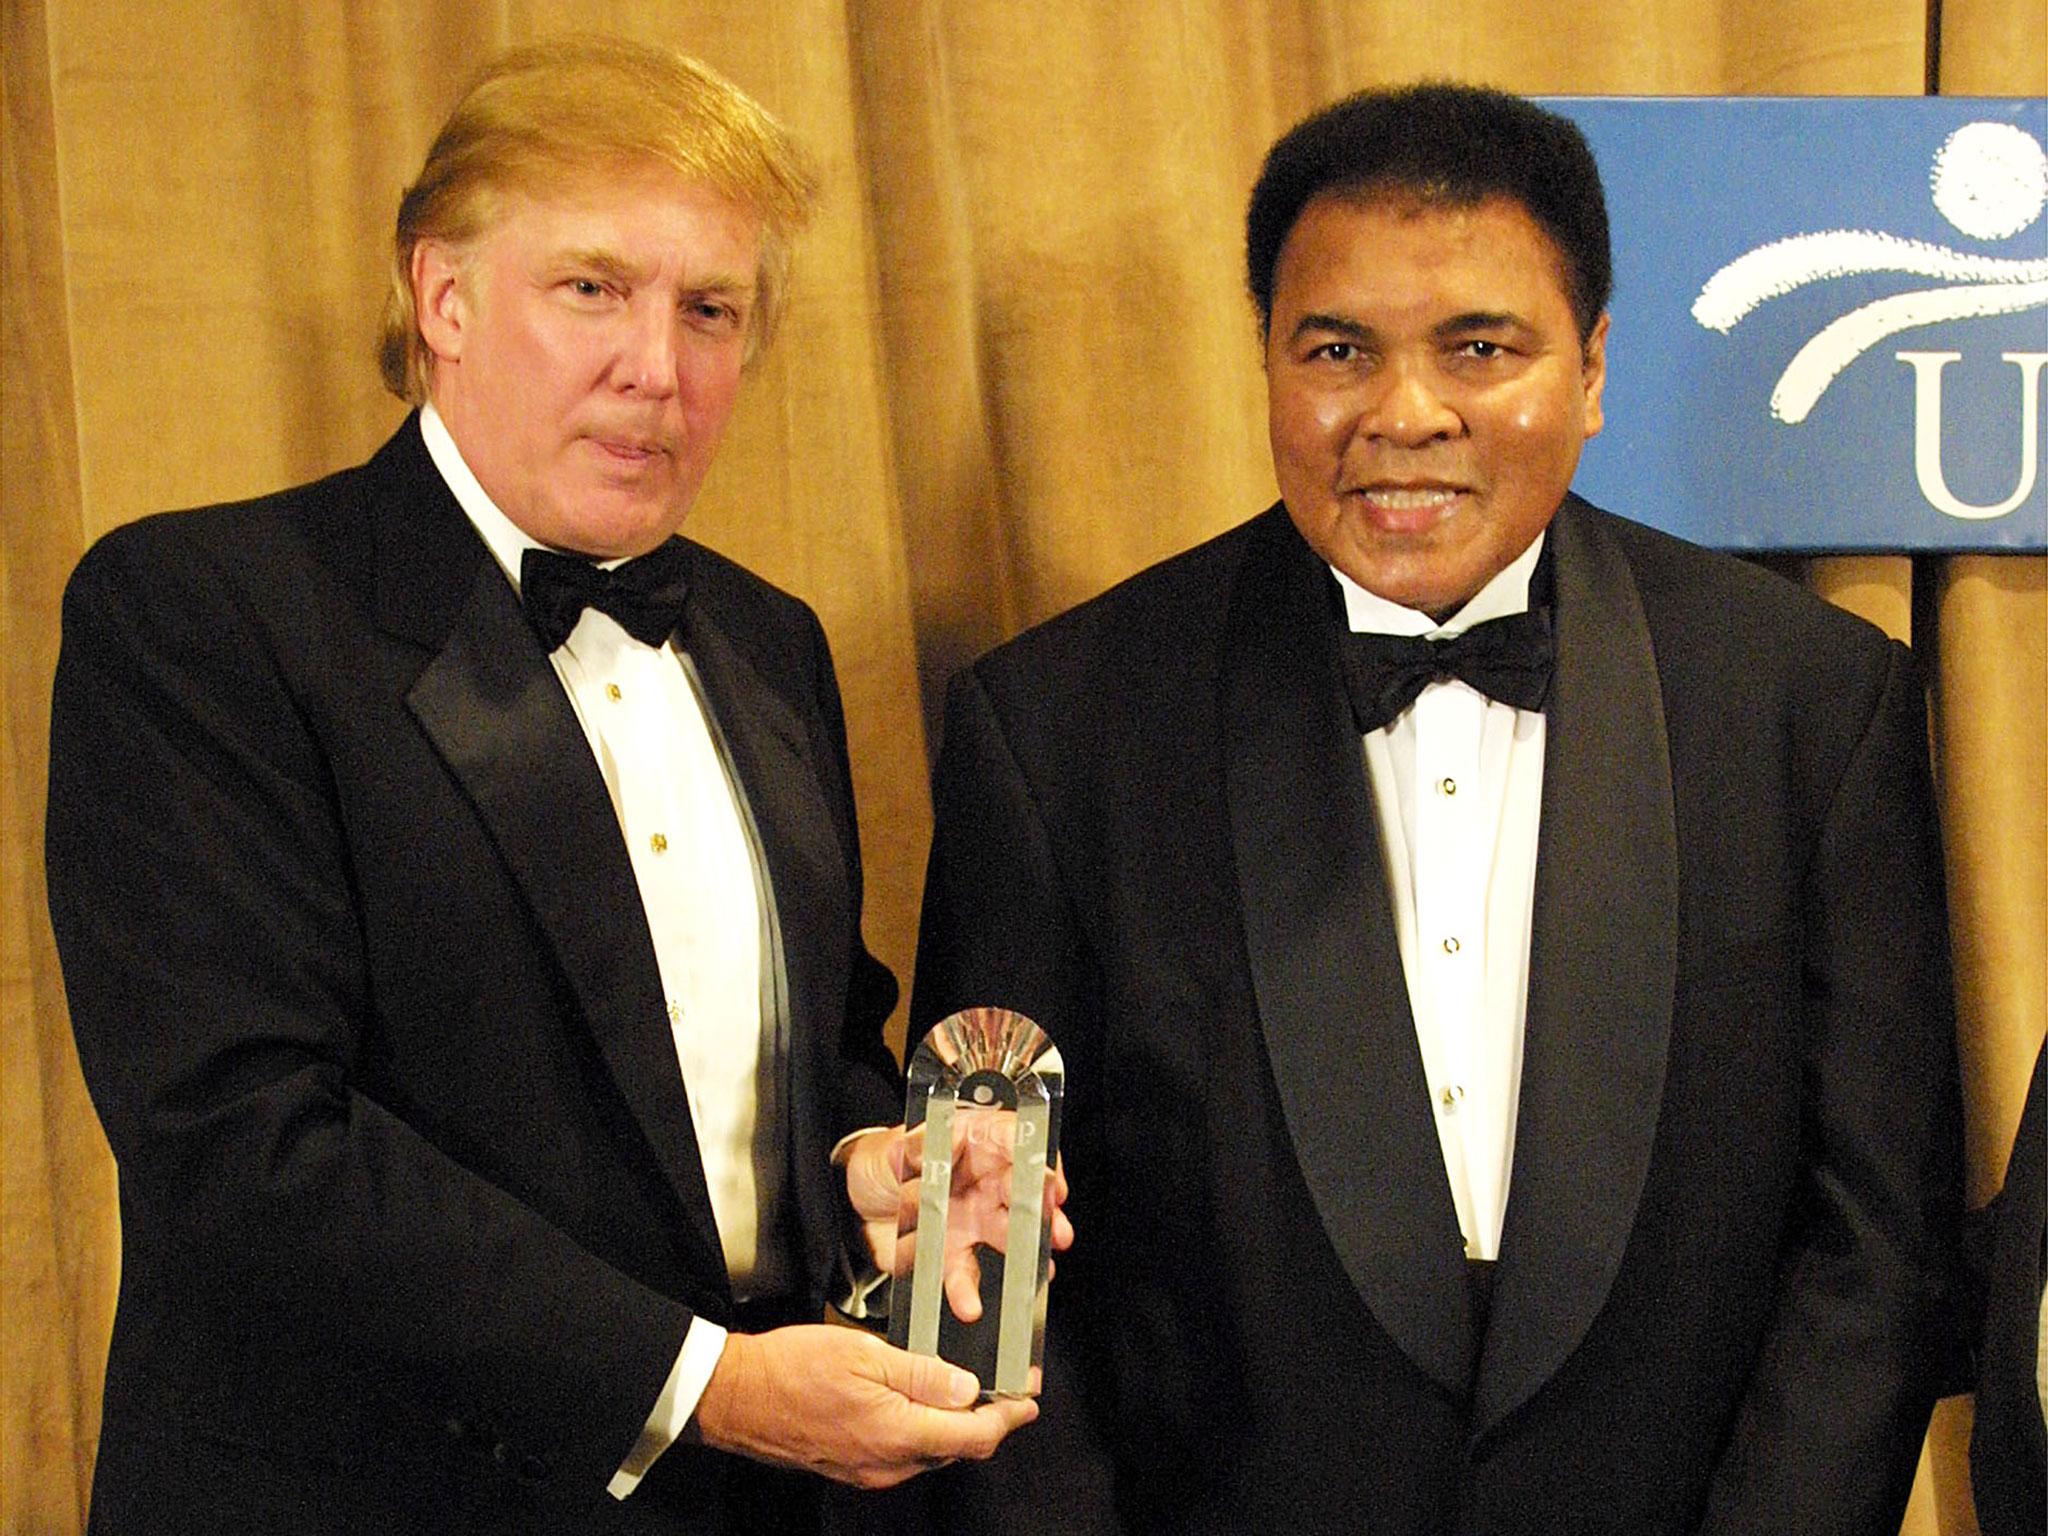 Le film 'Battle of the Sexes' est à Trump ce que Rocky était à Muhammad Ali